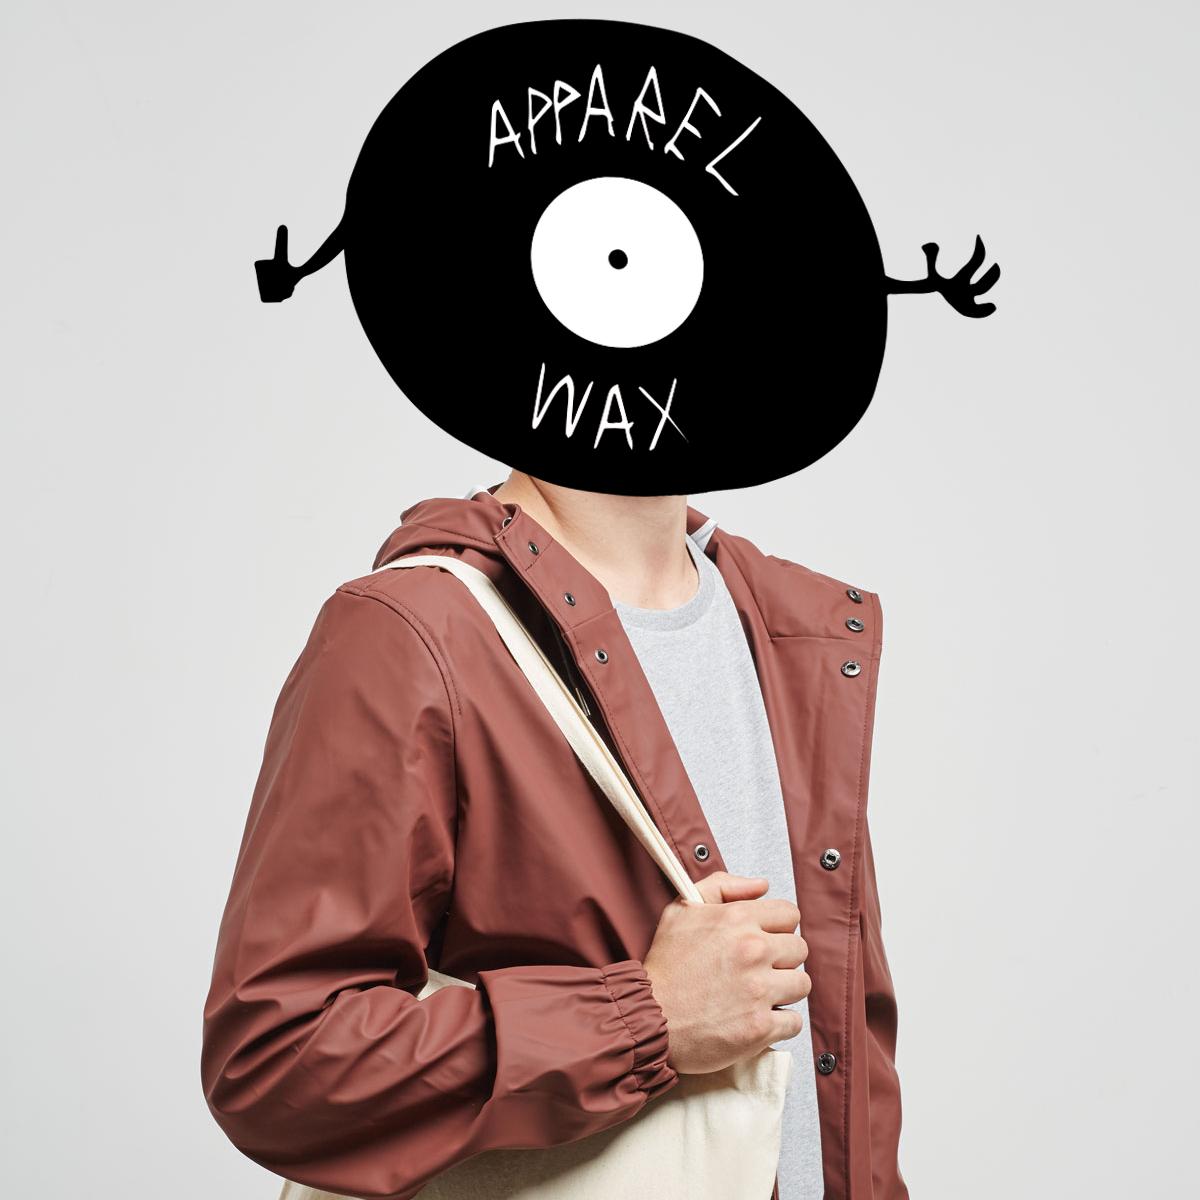 Apparel Wax